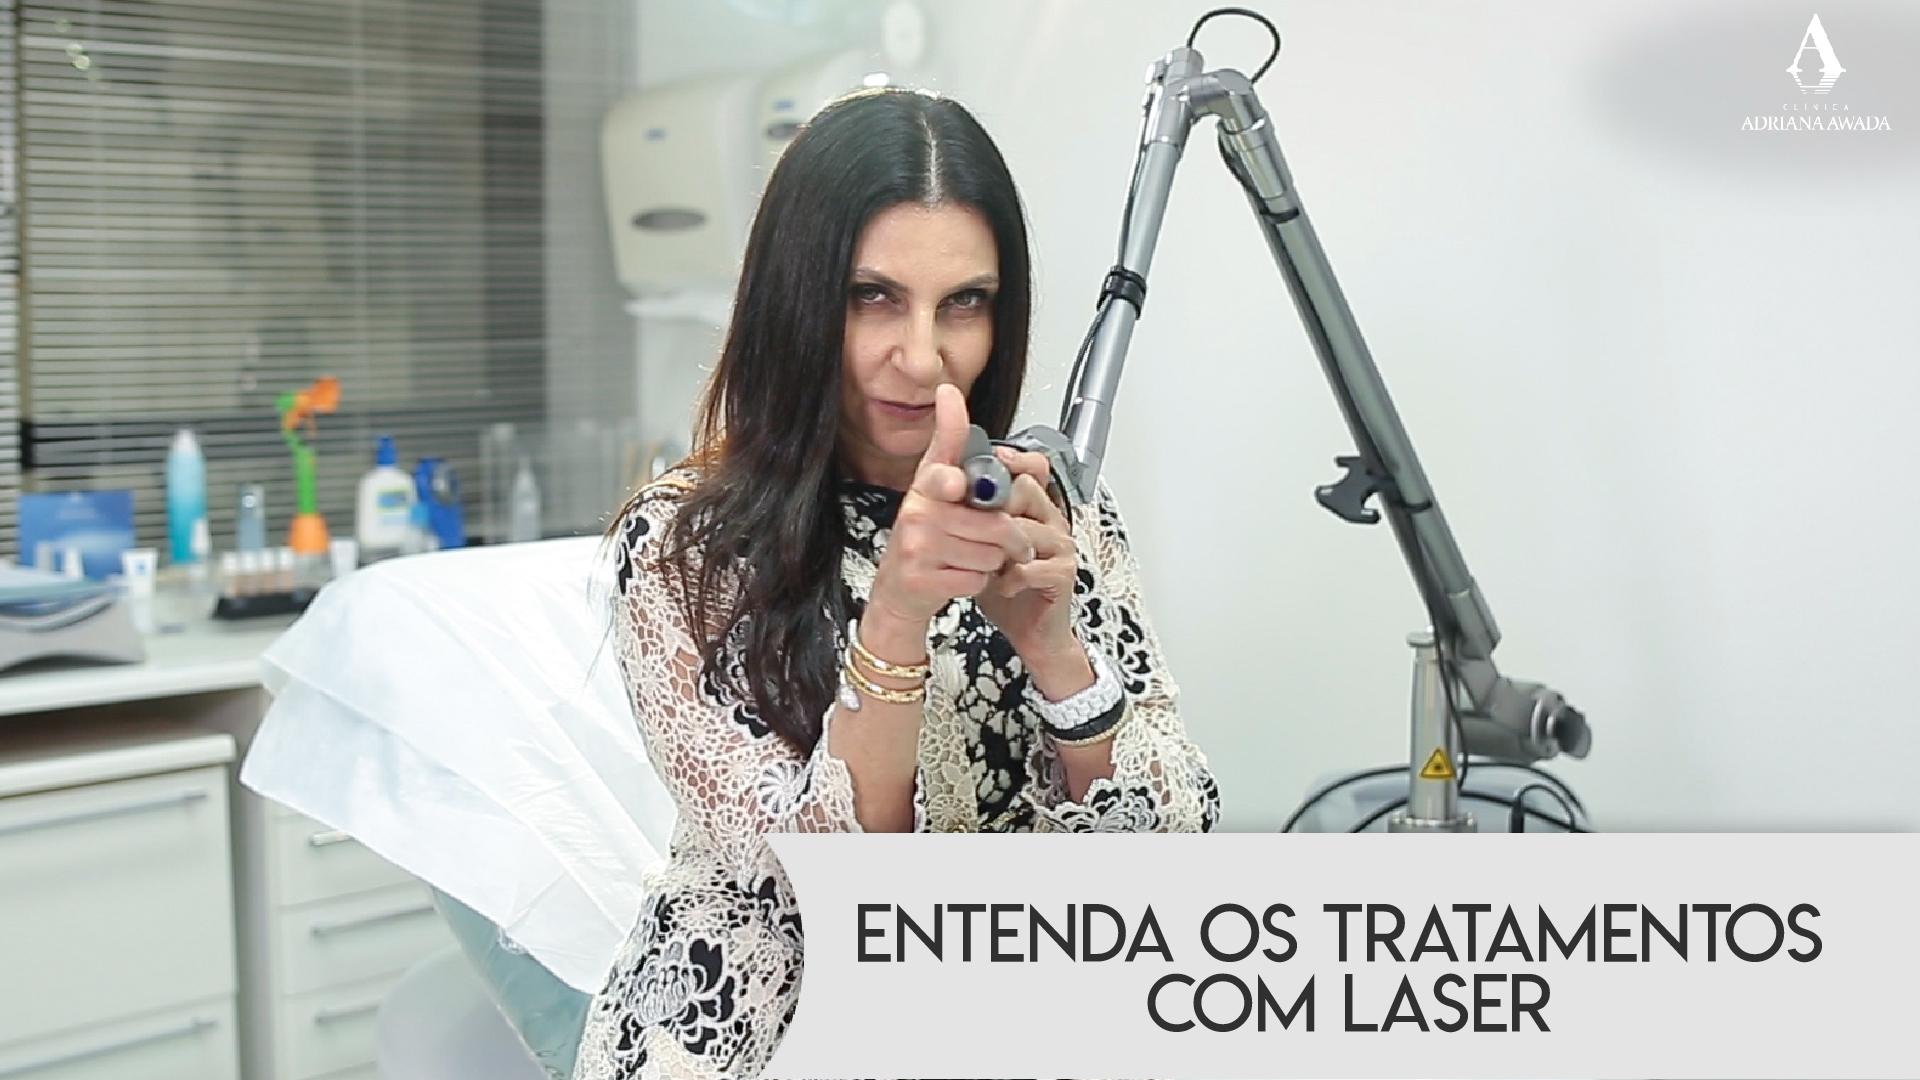 Os tratamentos a laser são um aliado importante da nossa saúde e também da beleza, mas exige cuidados.